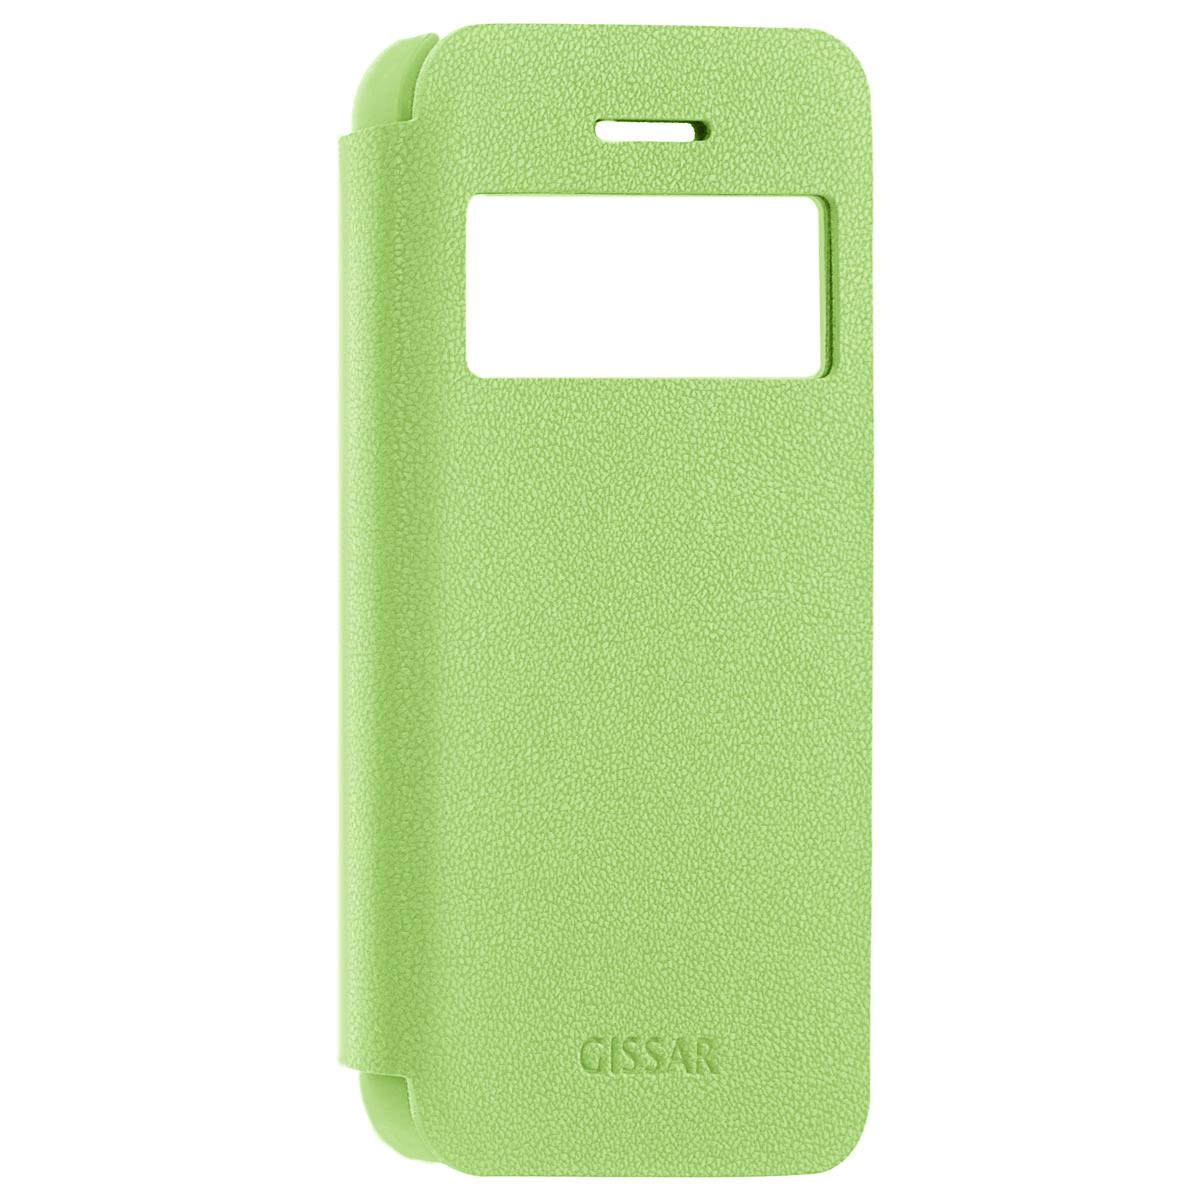 Gissar Galet Window чехол для Apple iPhone 5c, Green51747Чехол Gissar Galet Window для iPhone 5C предназначен для защиты корпуса телефона от механических повреждений и царапин в процессе эксплуатации. Имеет свободный доступ ко всем разъемам и кнопкам устройства.